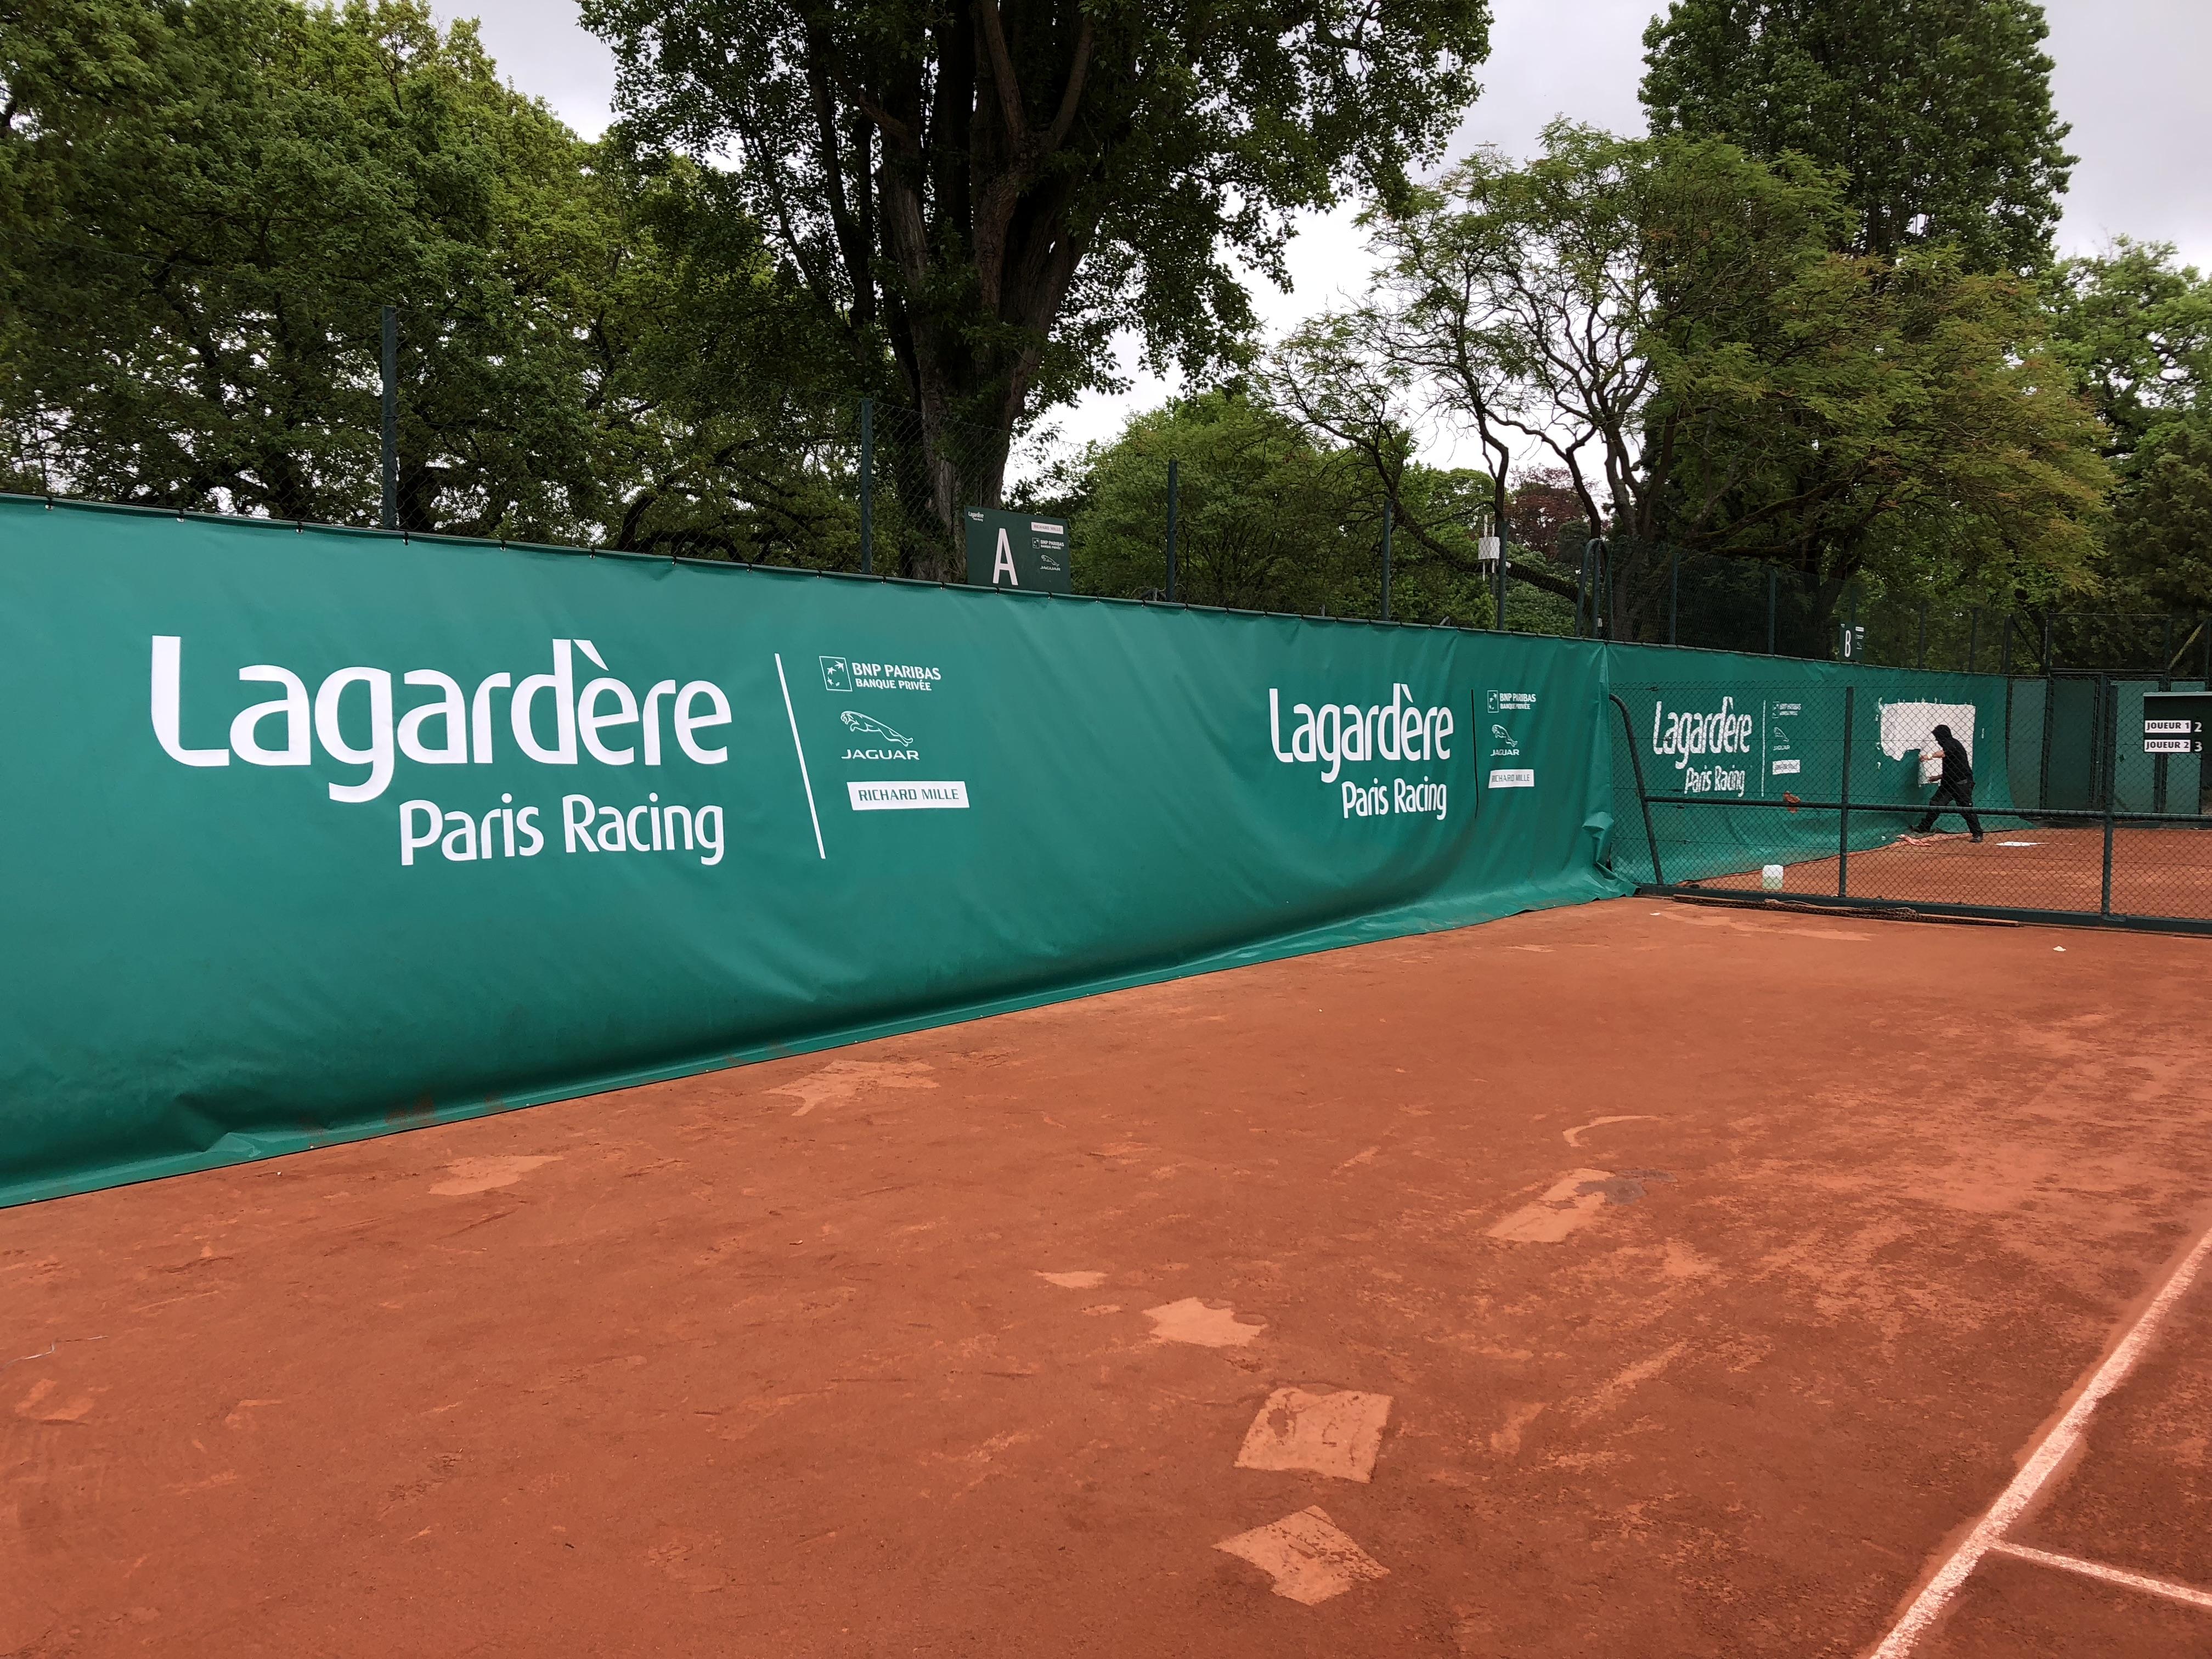 Bâche pour une compétition de tennis